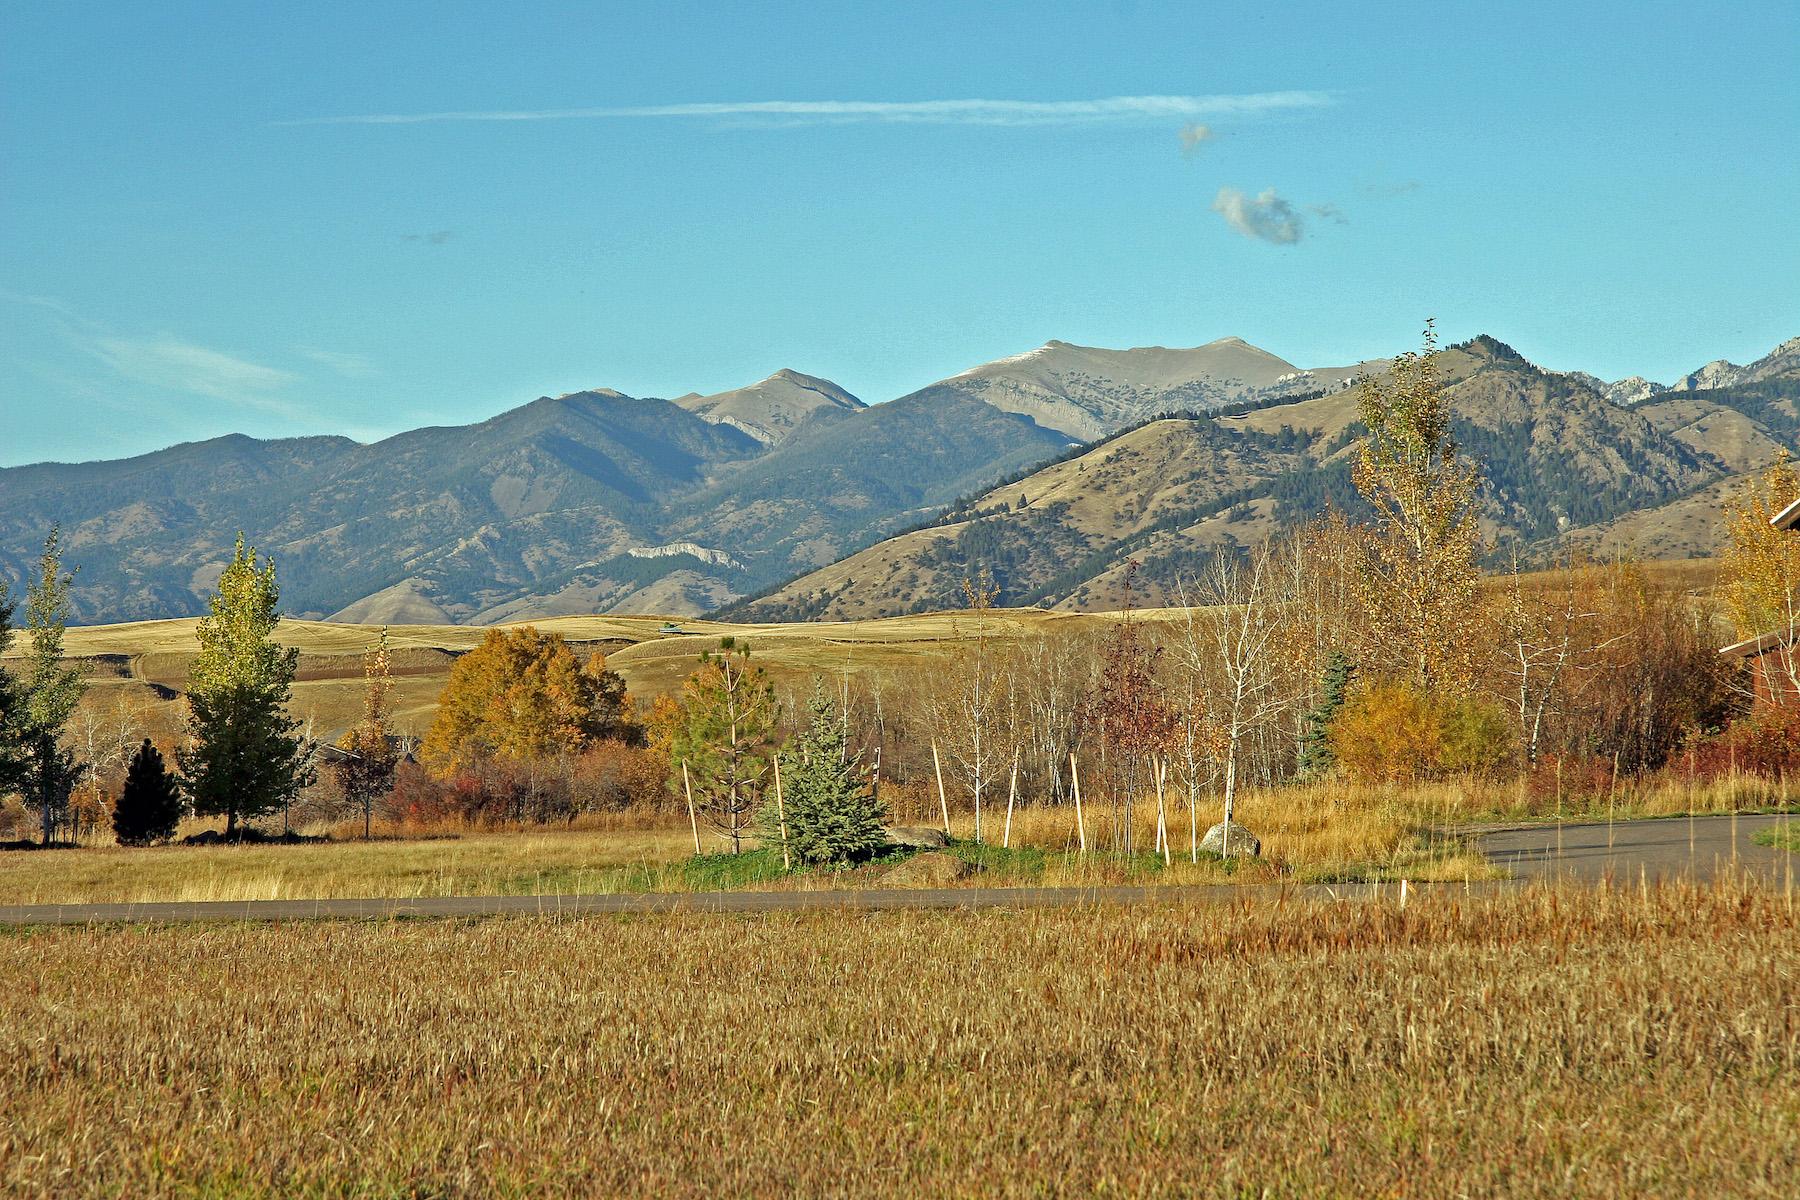 Terreno para Venda às Manley Meadows Lot 31 Churn Creek Drive, Lot 31 Manley Meadows Bozeman, Montana 59715 Estados Unidos